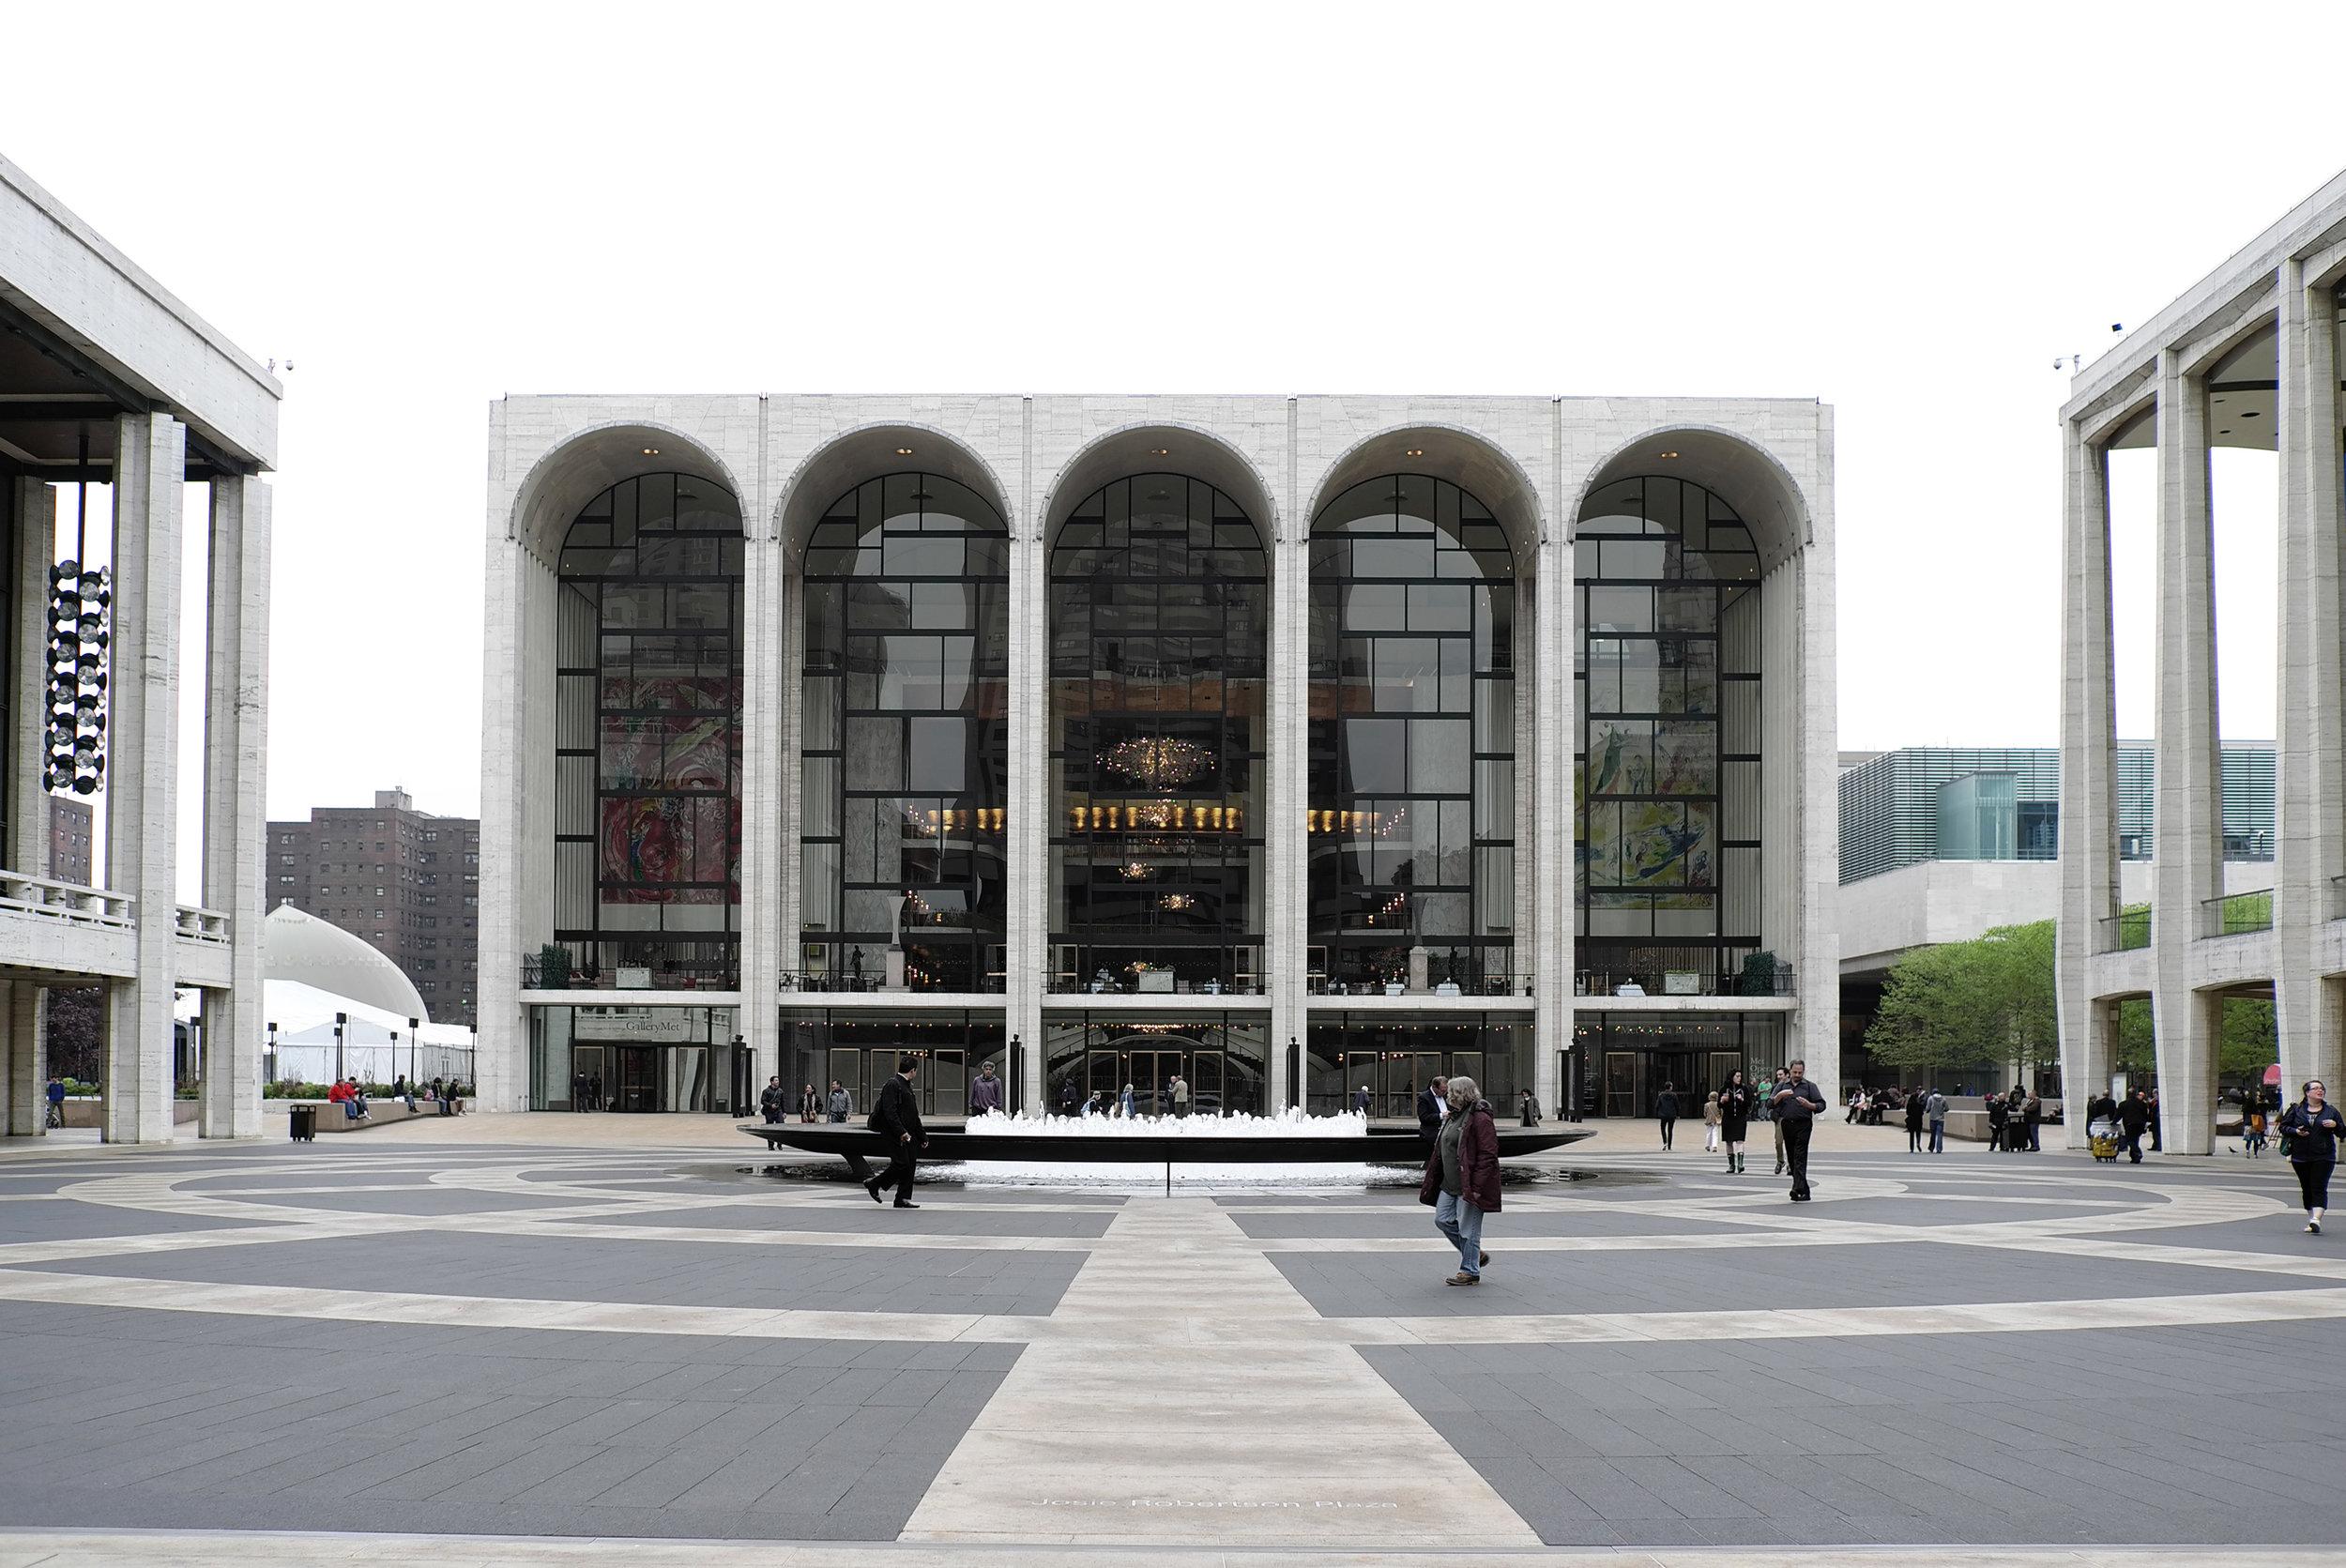 Lozidaze_NYC_Lincoln-Centre_01